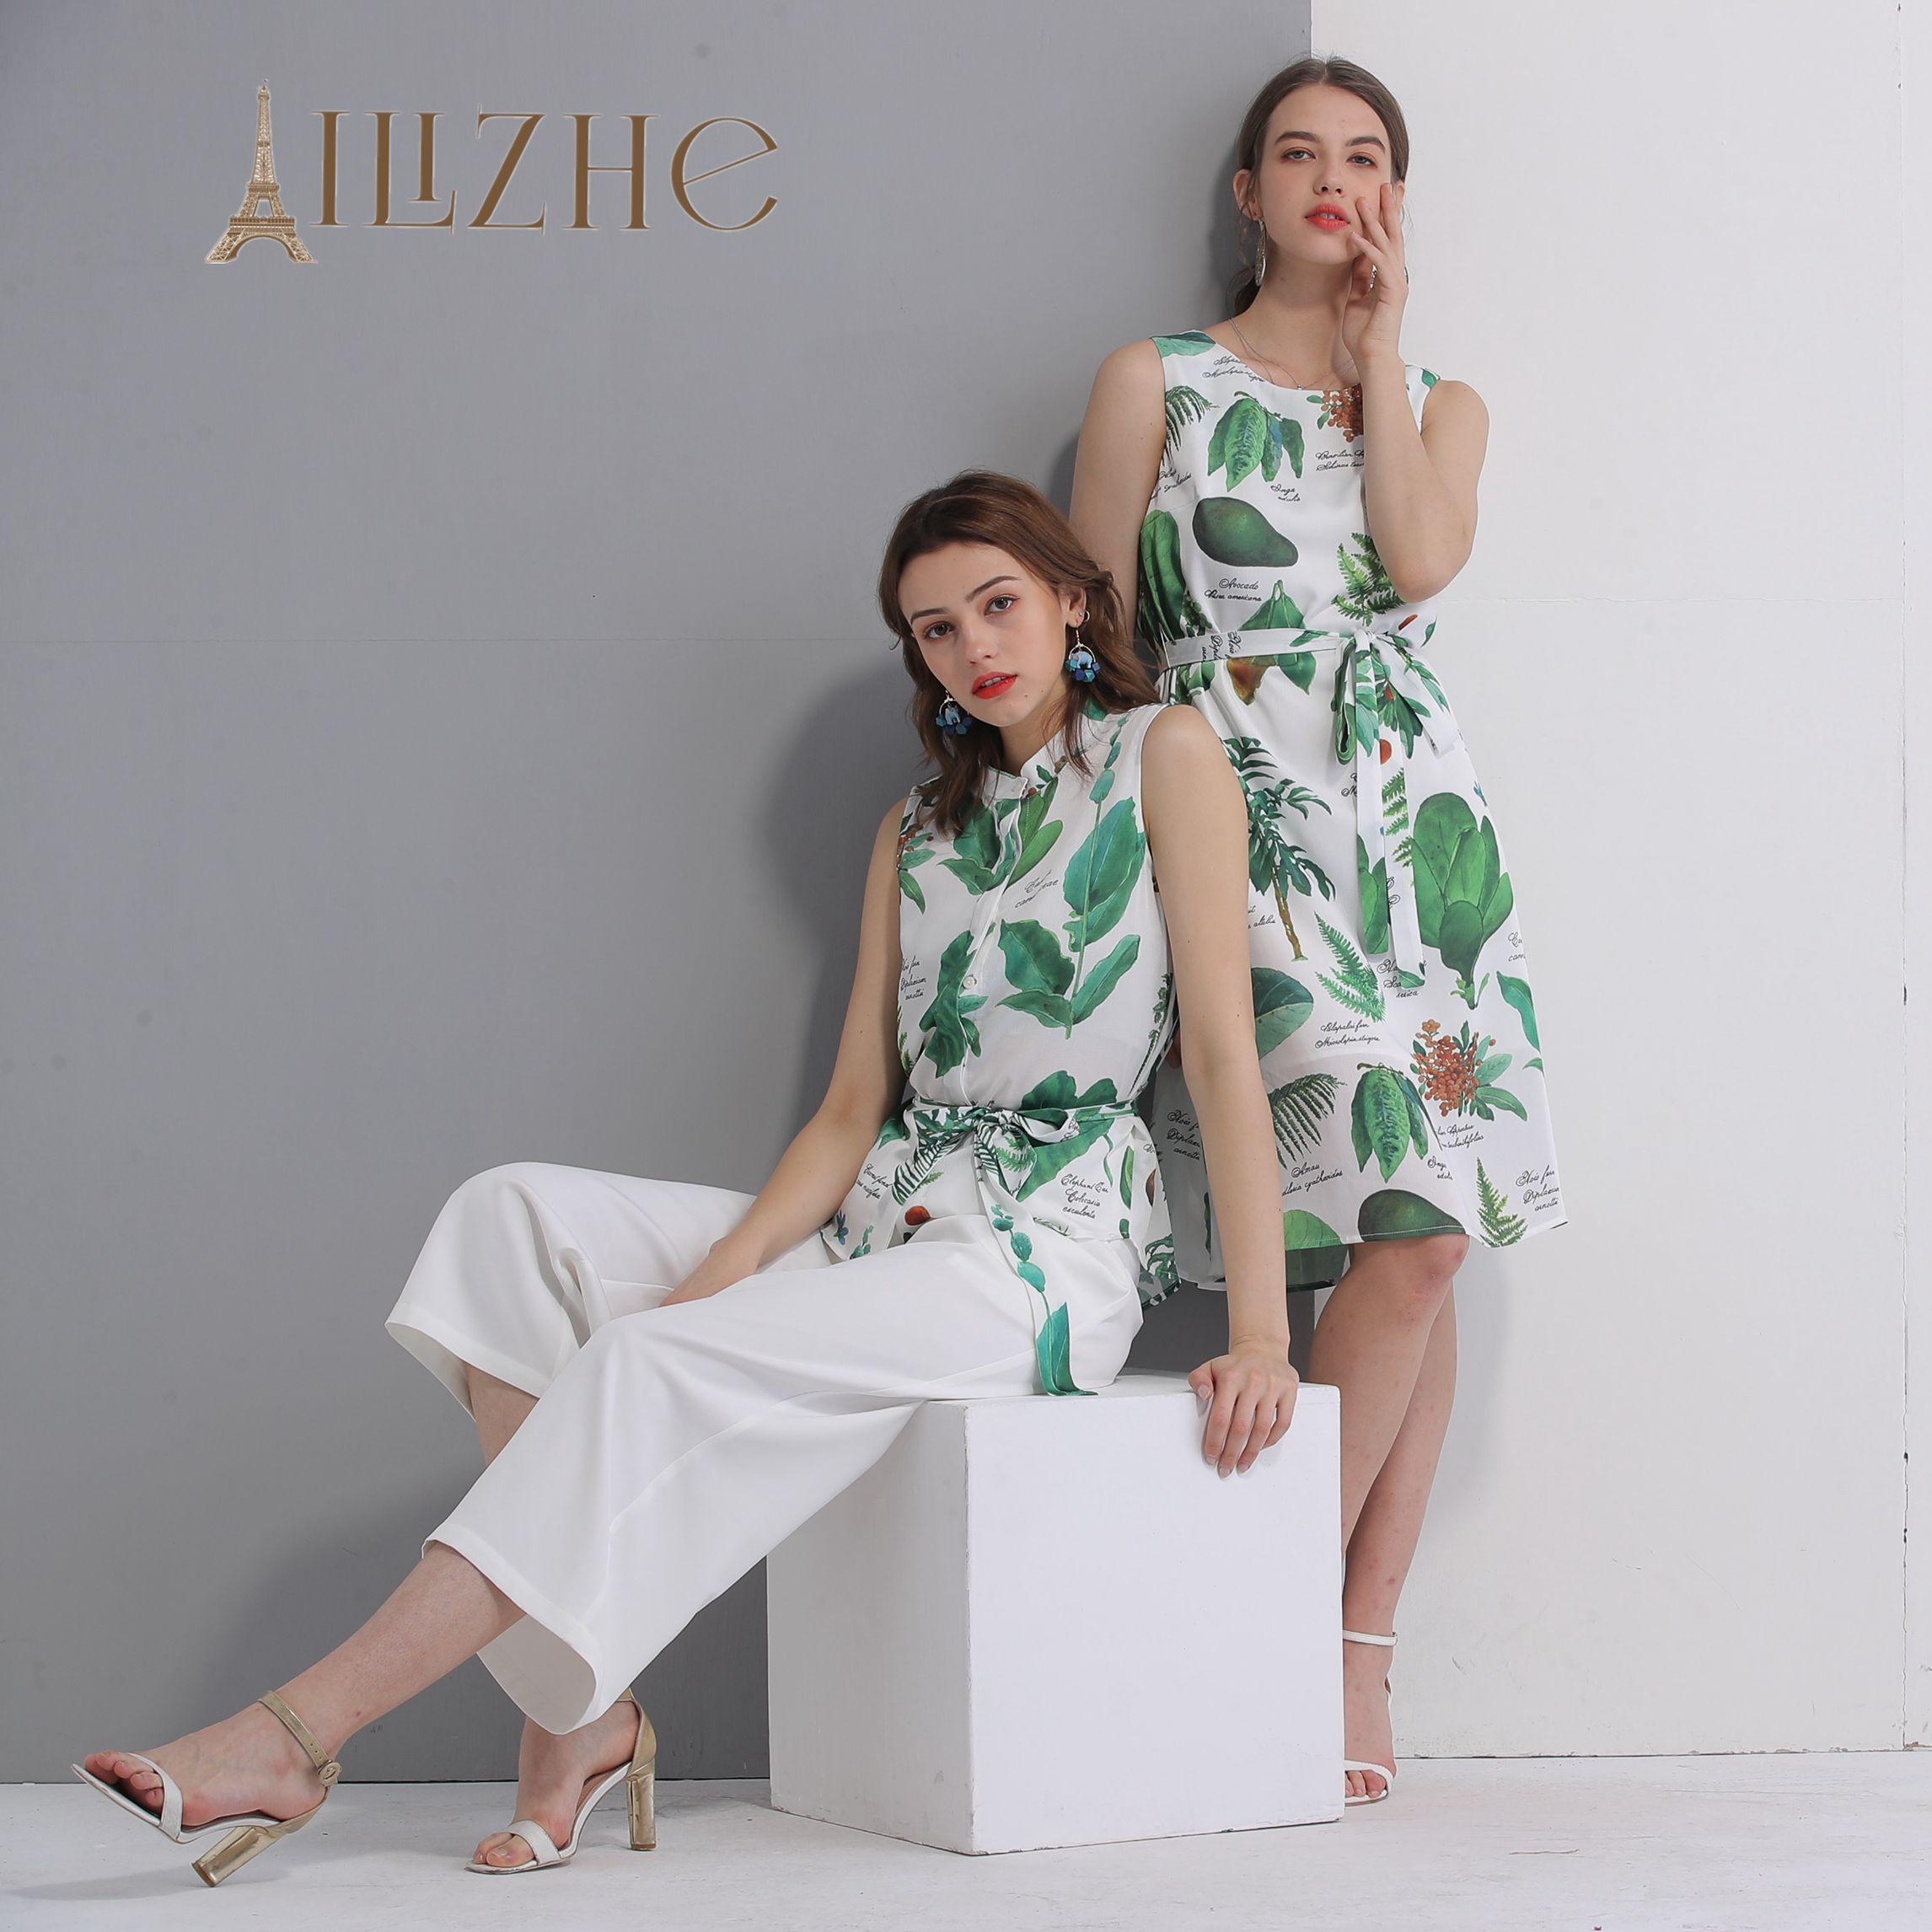 加盟艾麗哲時尚女裝 搶占財富商機!